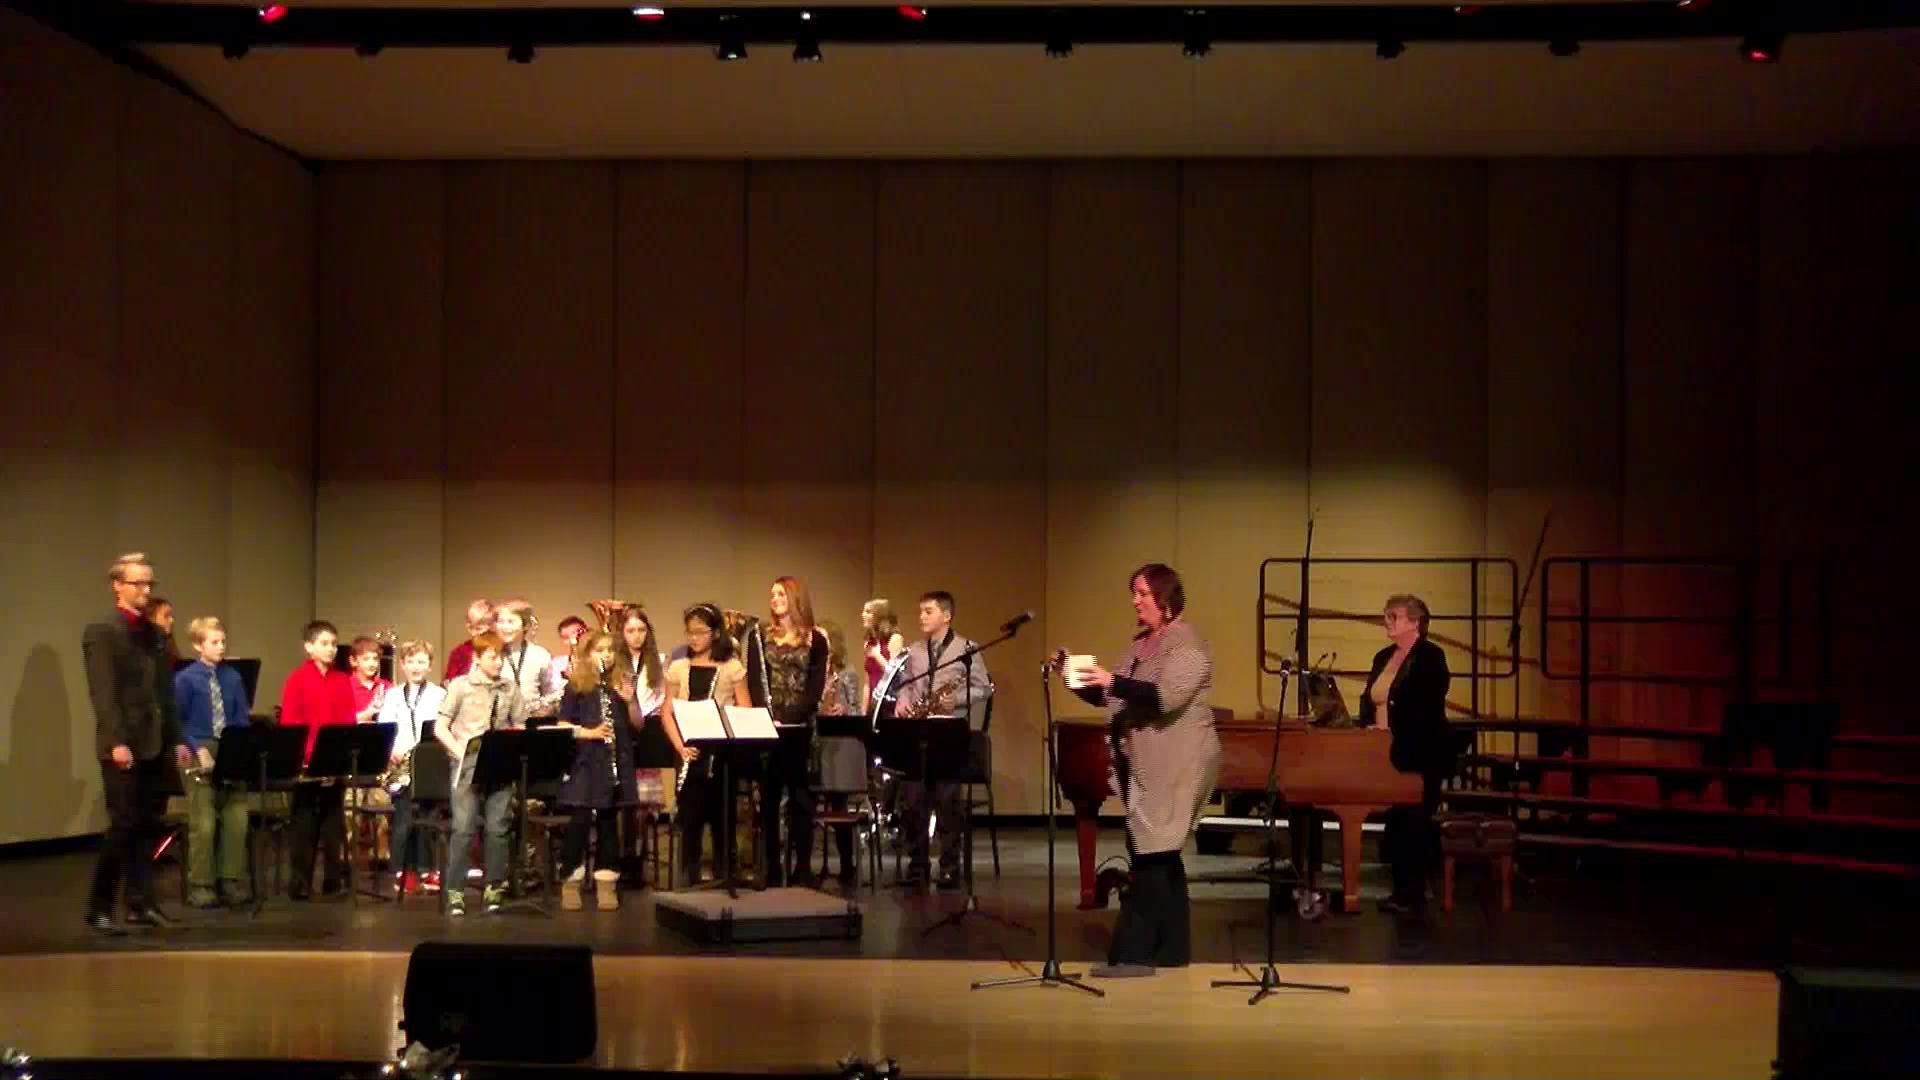 Spooner Middle School Winter Concert 2018